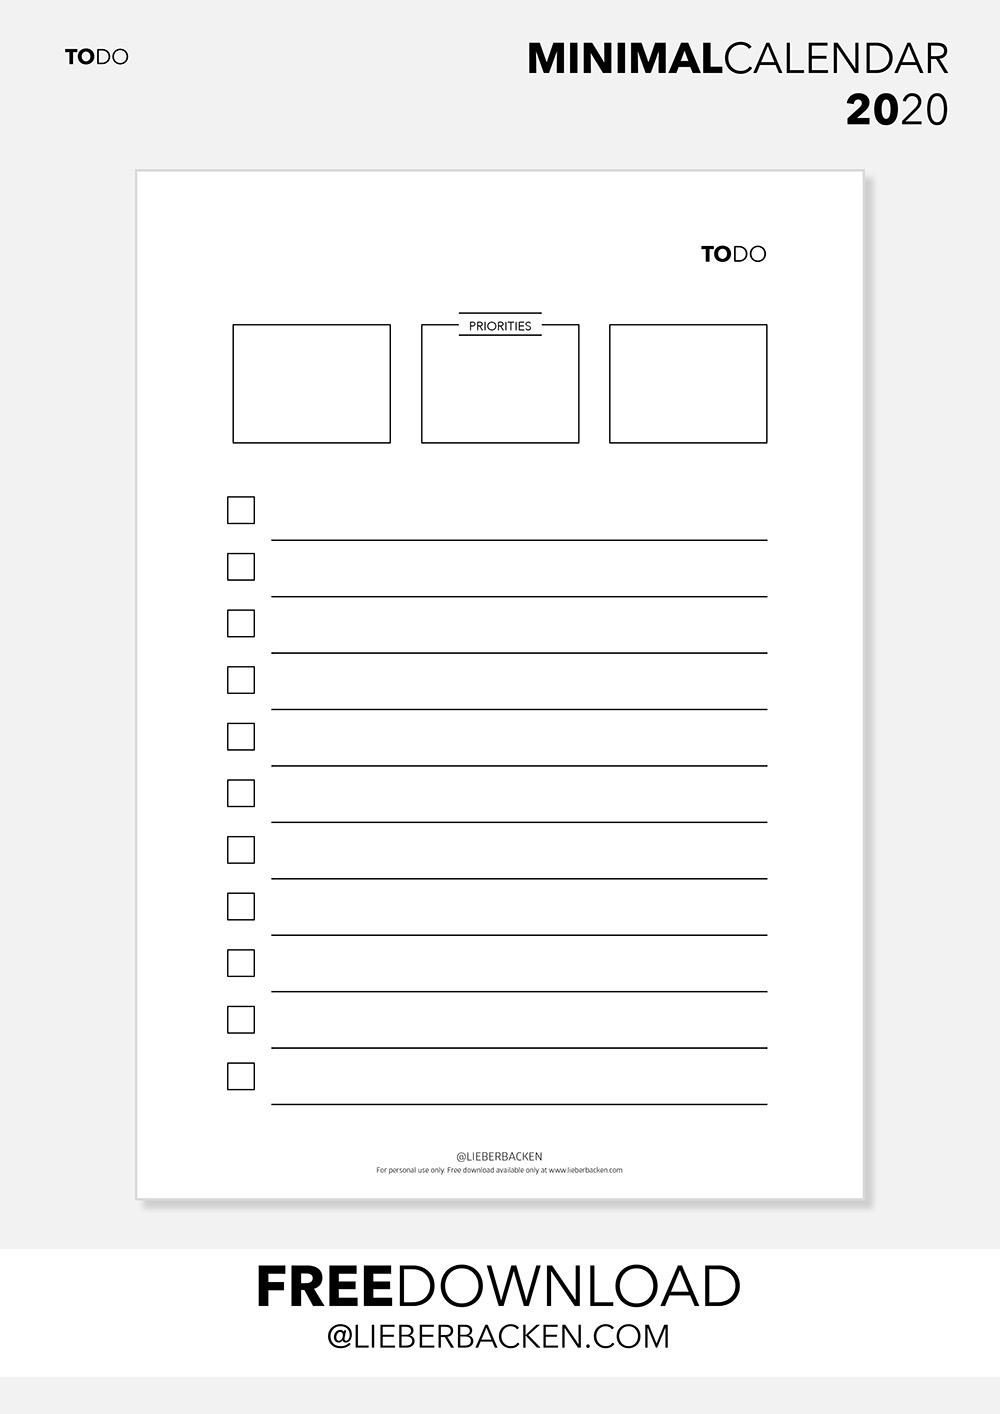 TO DO List - Free Printable Calender Bundle | Gratis Download TO DO Liste und kompletter Kalender